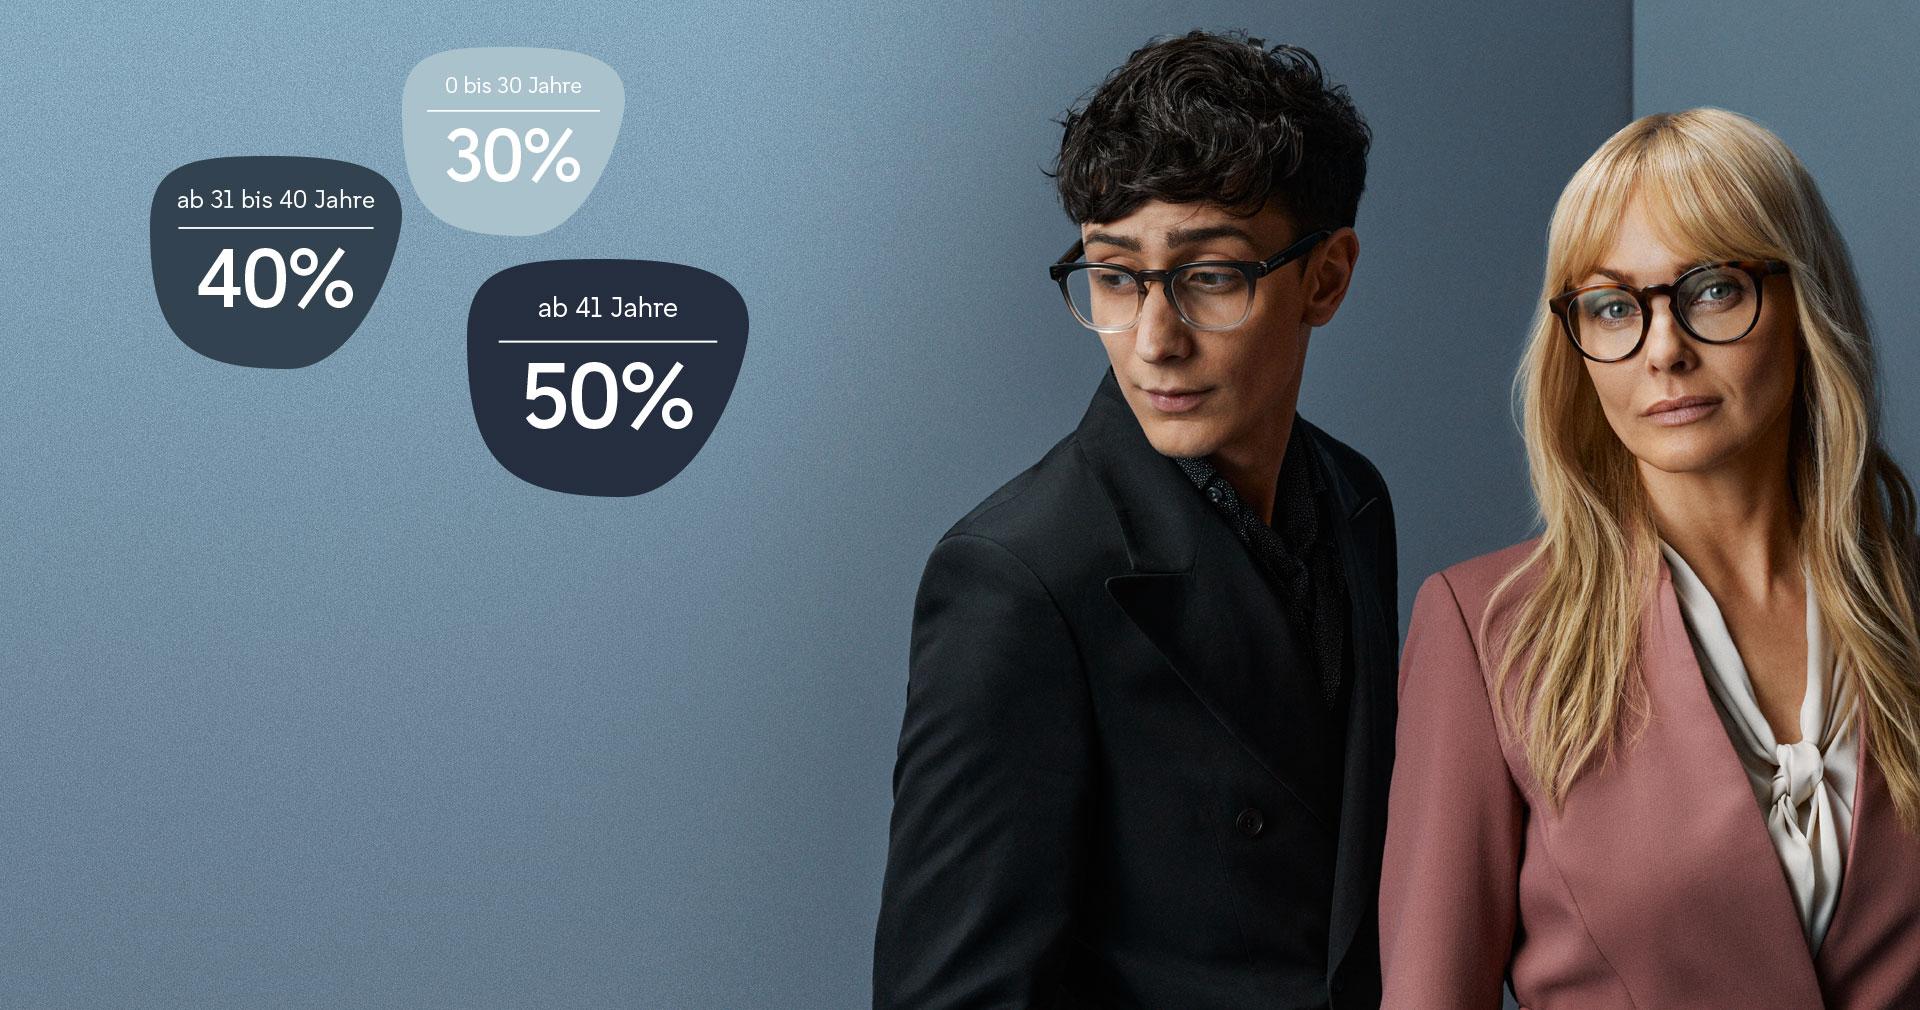 50% Generationenrabatt